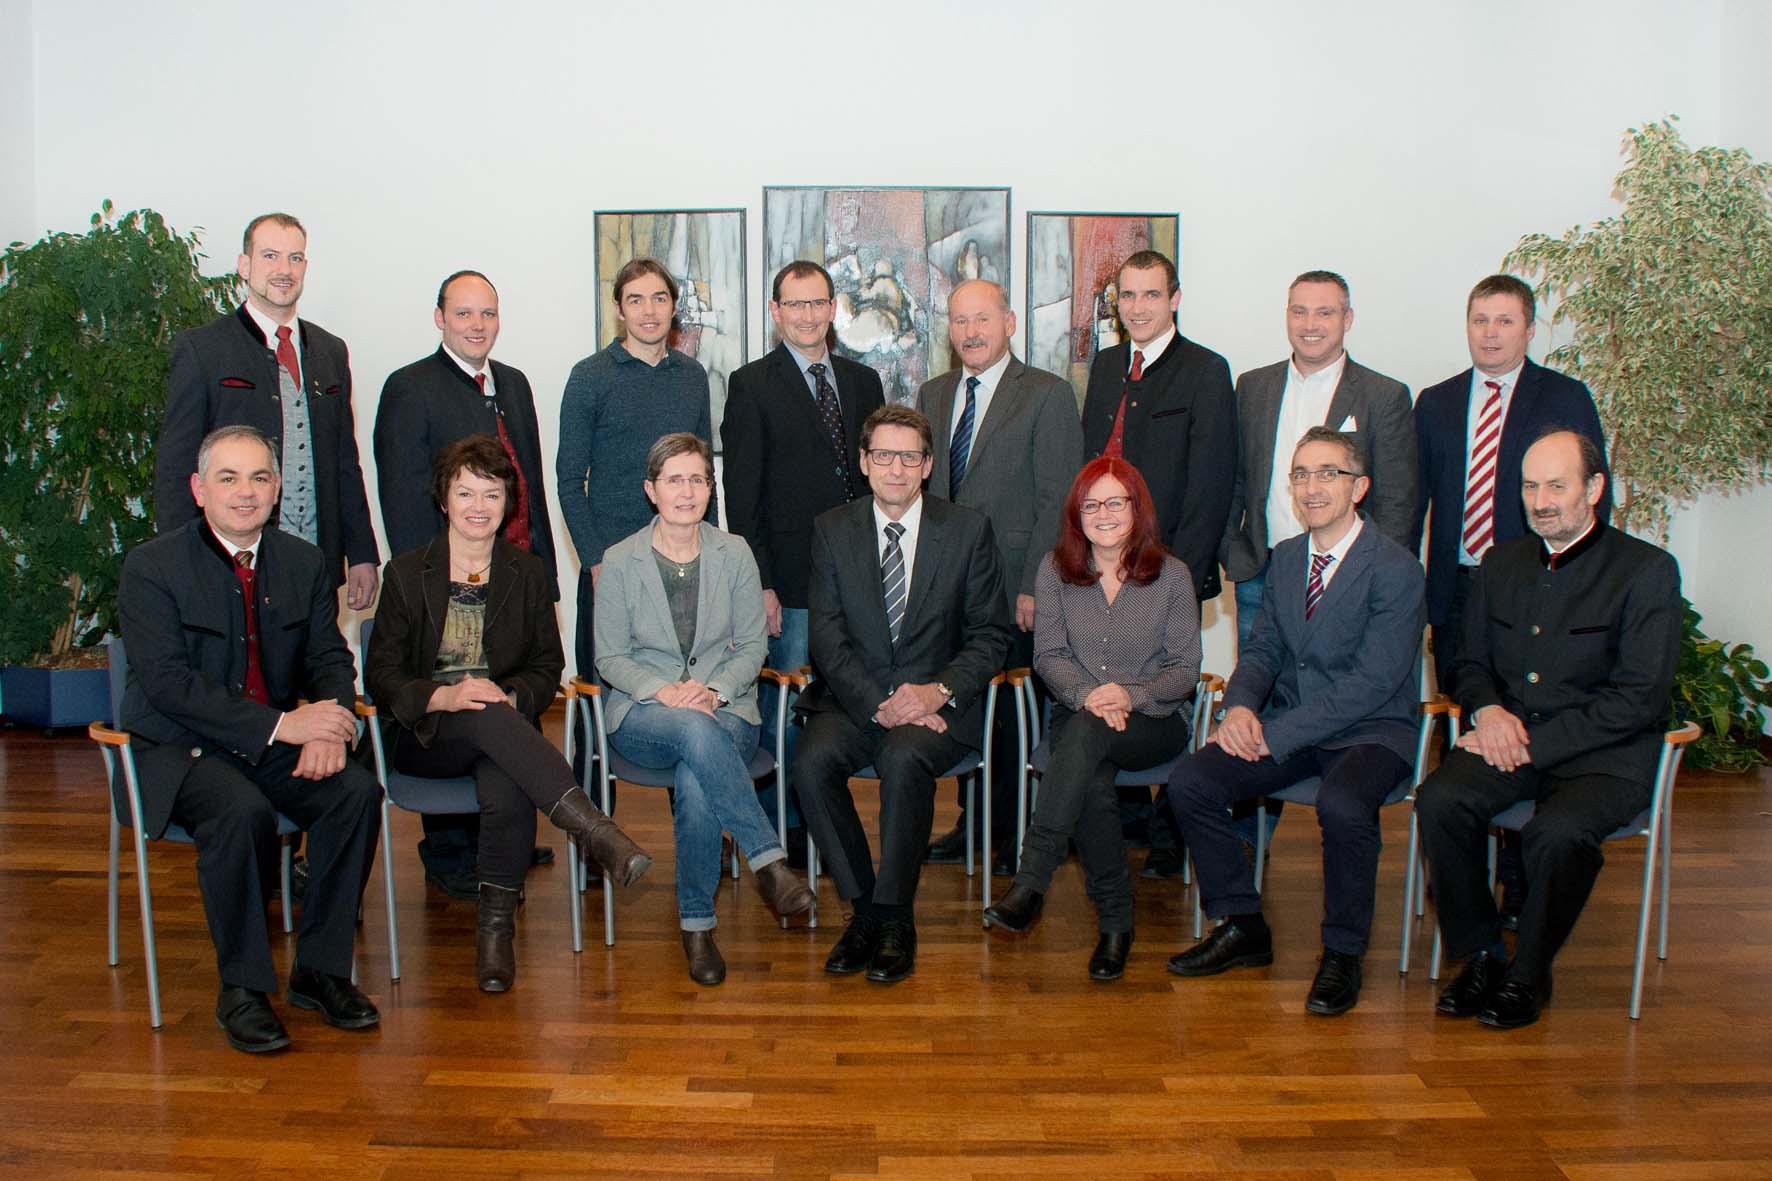 Gemeinderat 2016 bis 2022